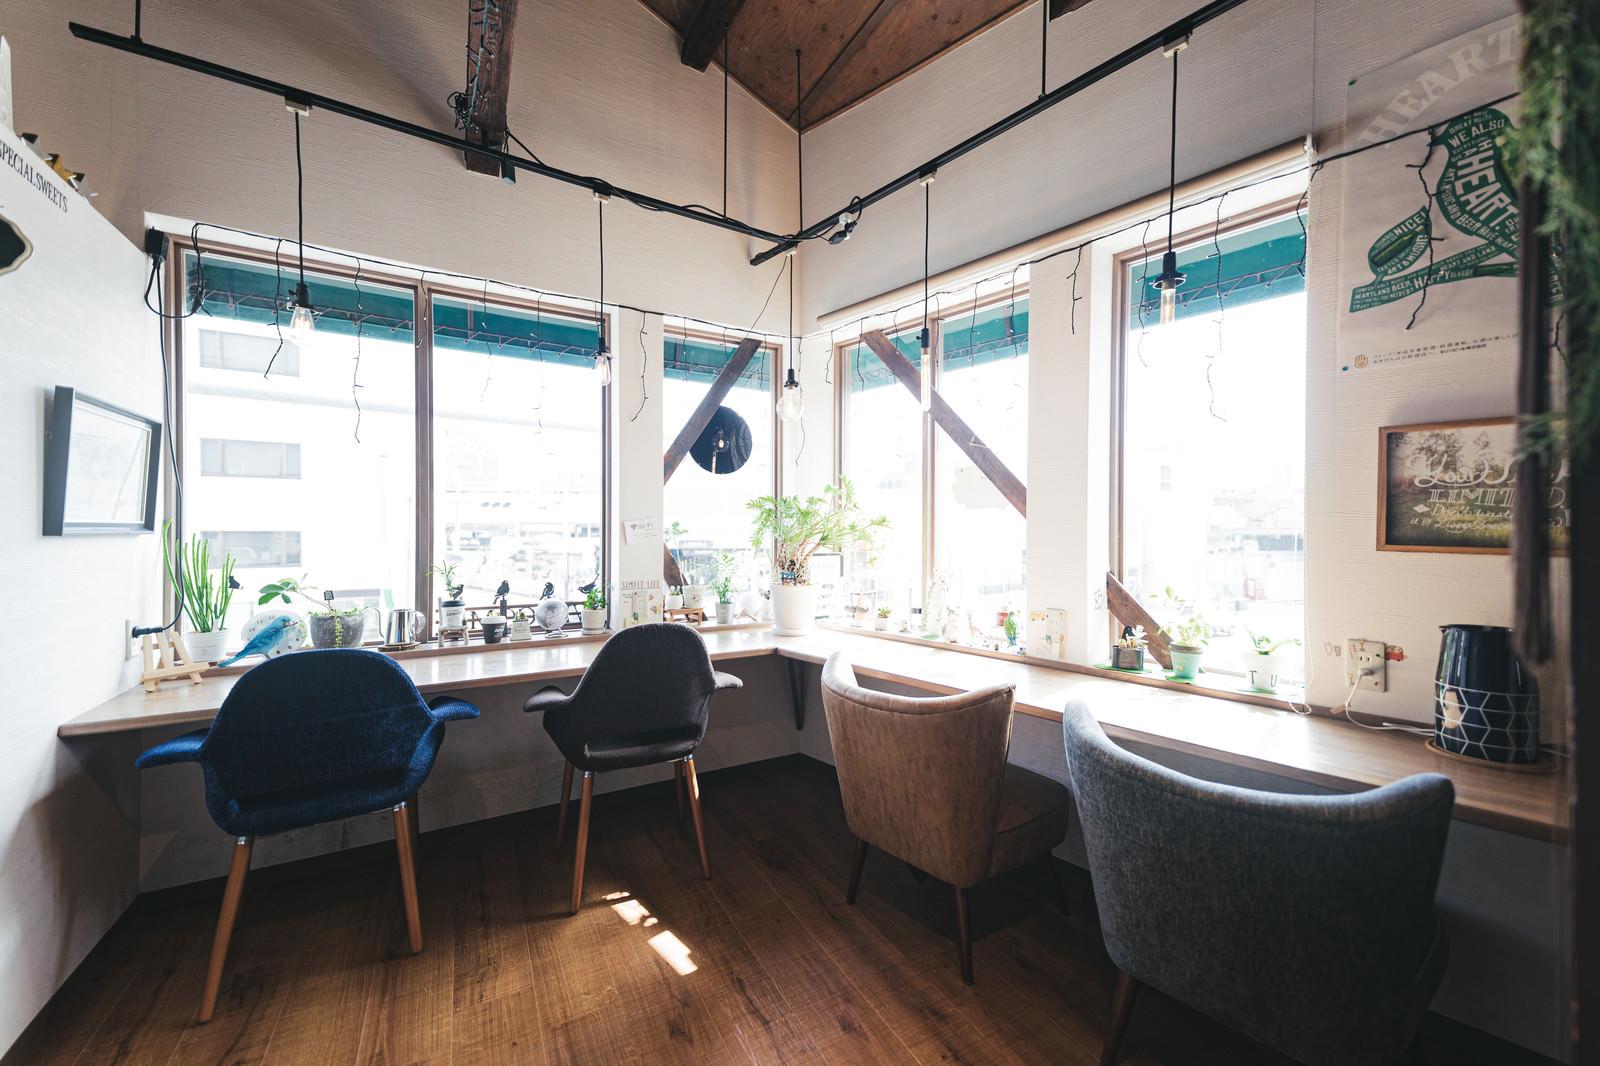 「自然光の光が差し込むカフェ」の写真